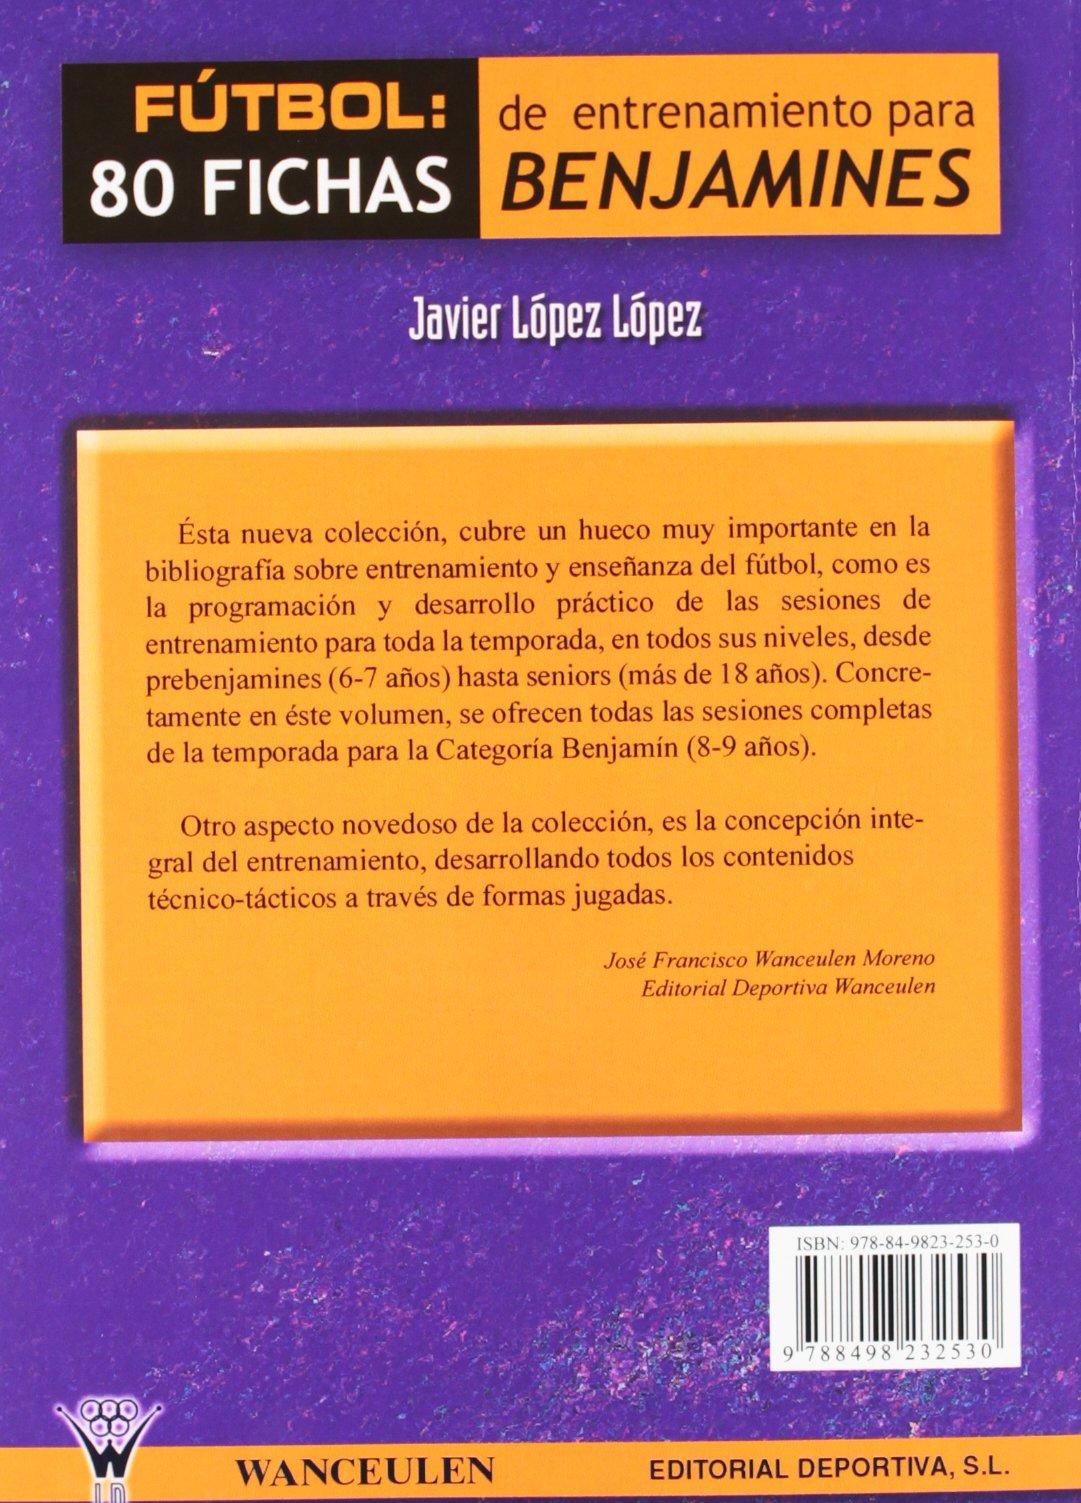 Fútbol, 80 fichas de entrenamiento para benjamines: Amazon.es: Javier López López: Libros